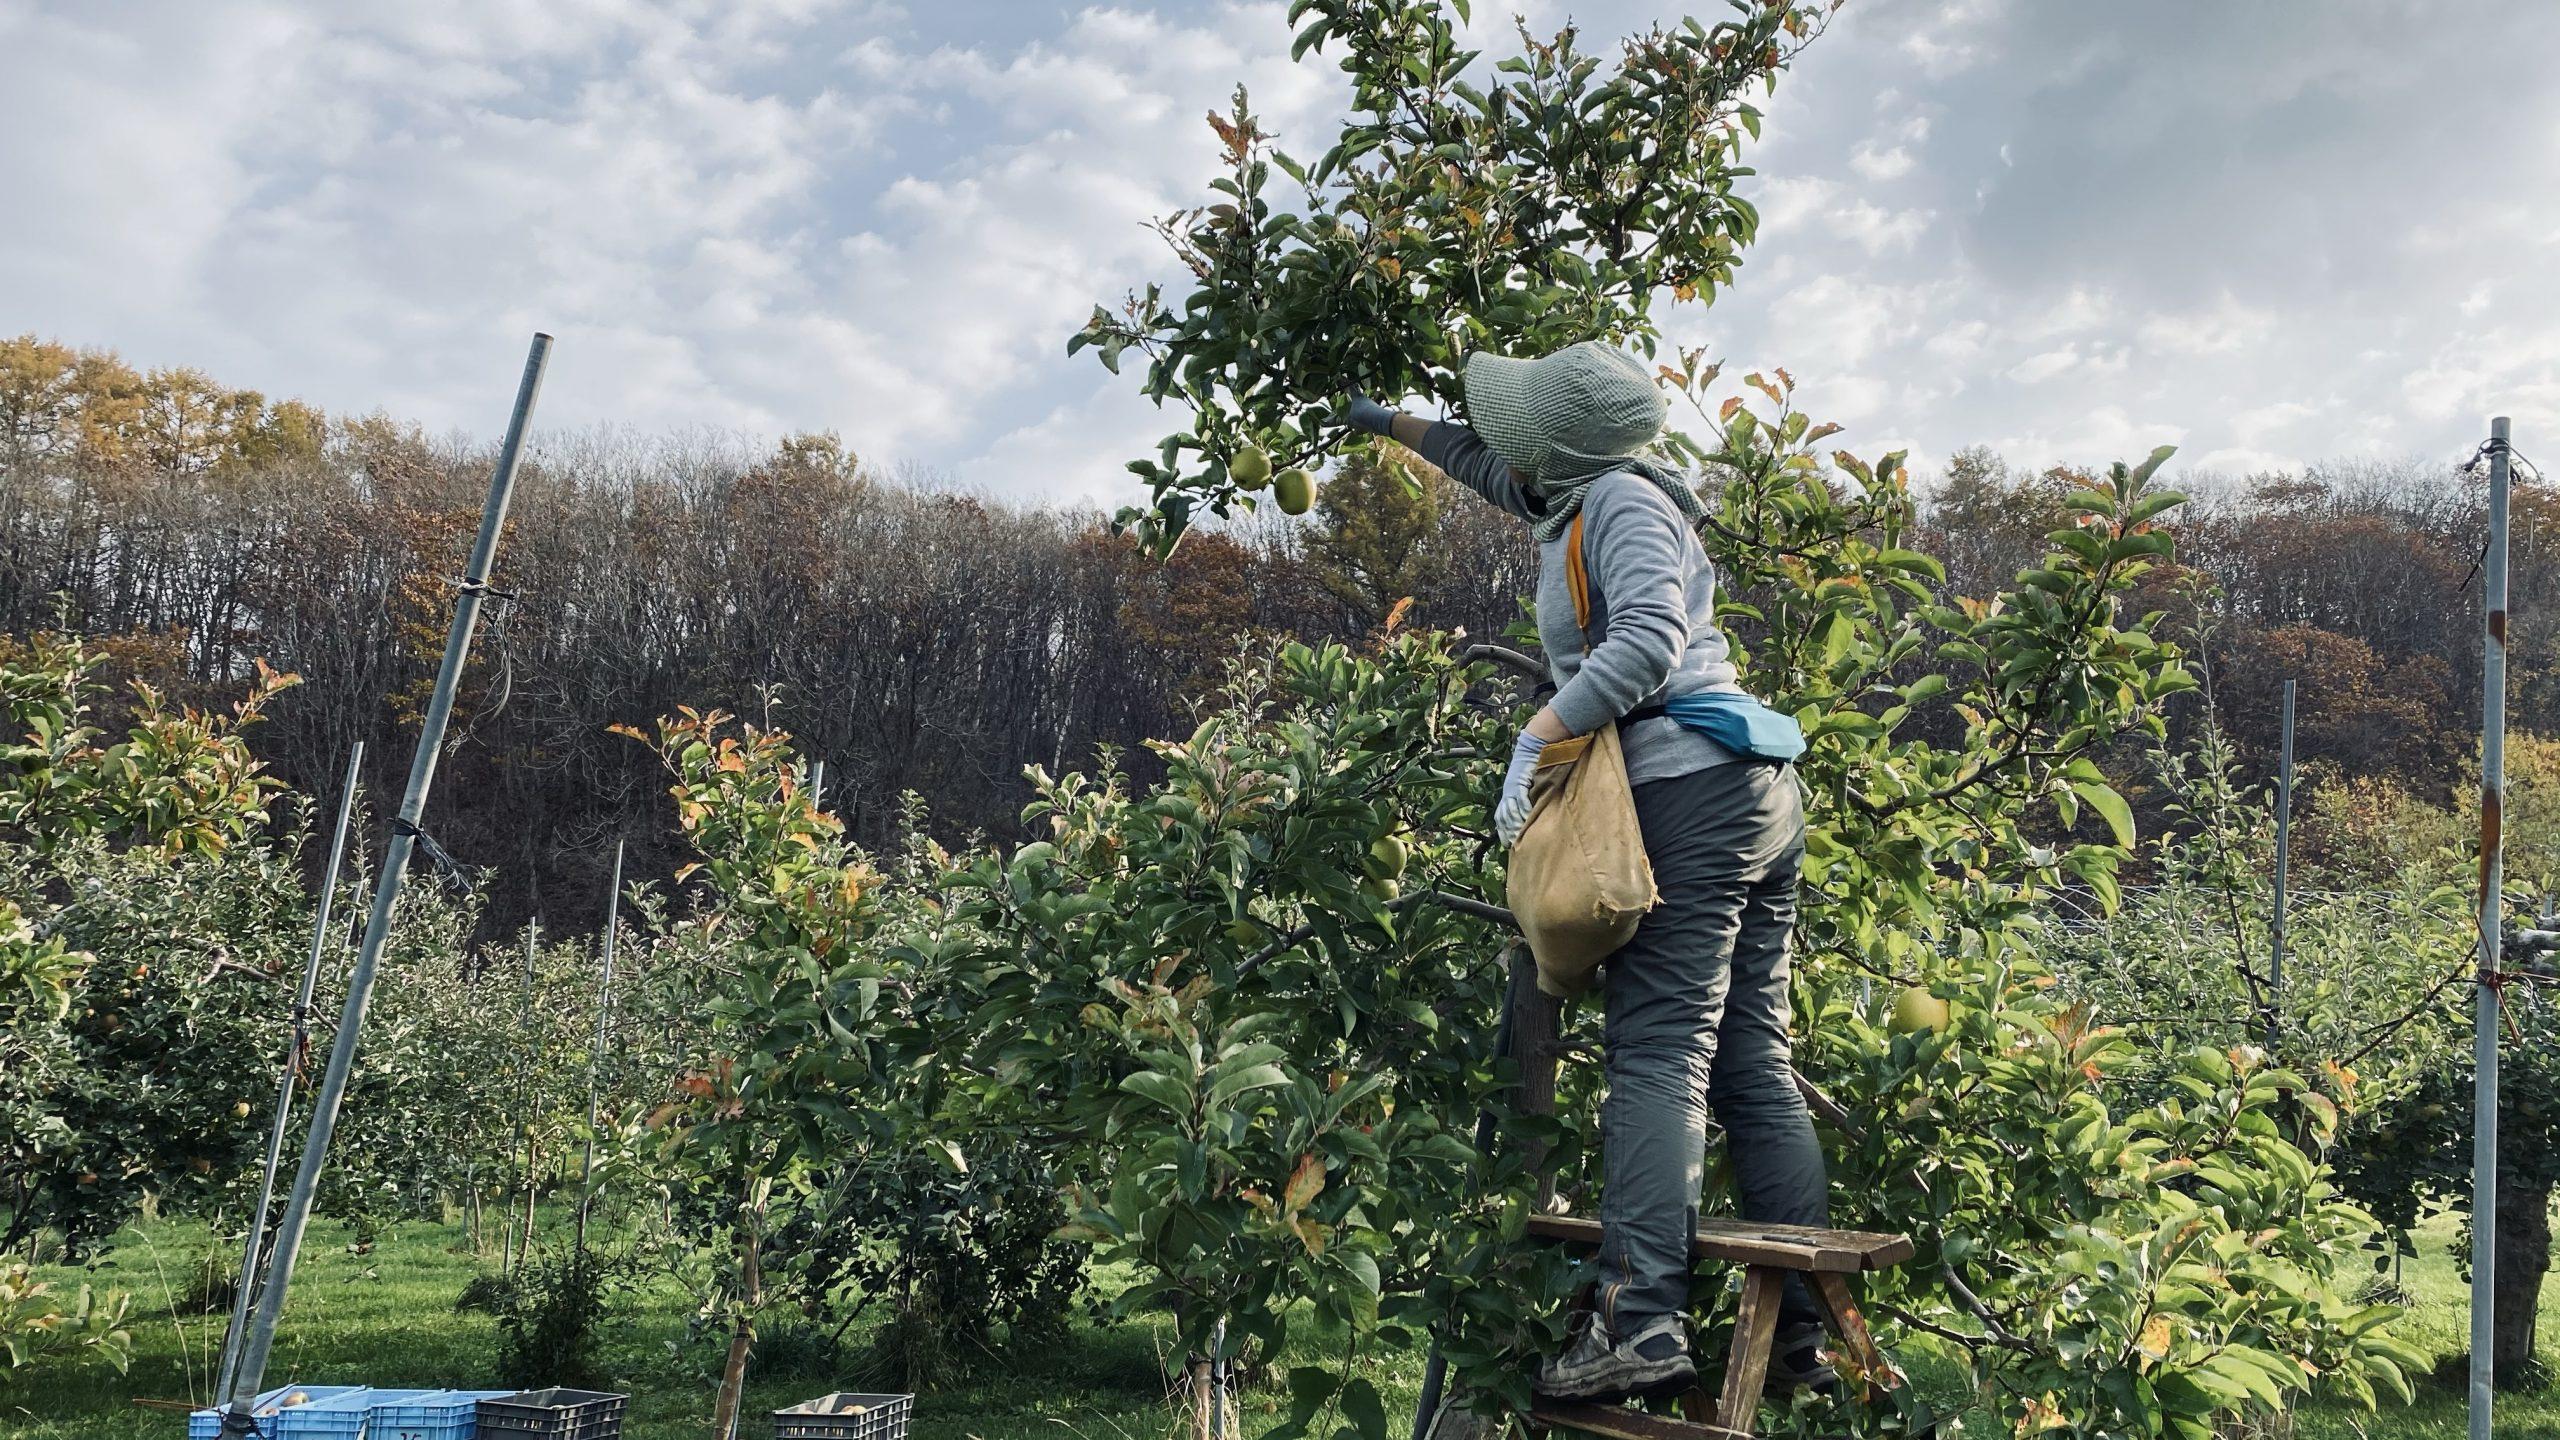 リンゴ収穫、いよいよ終盤戦へ